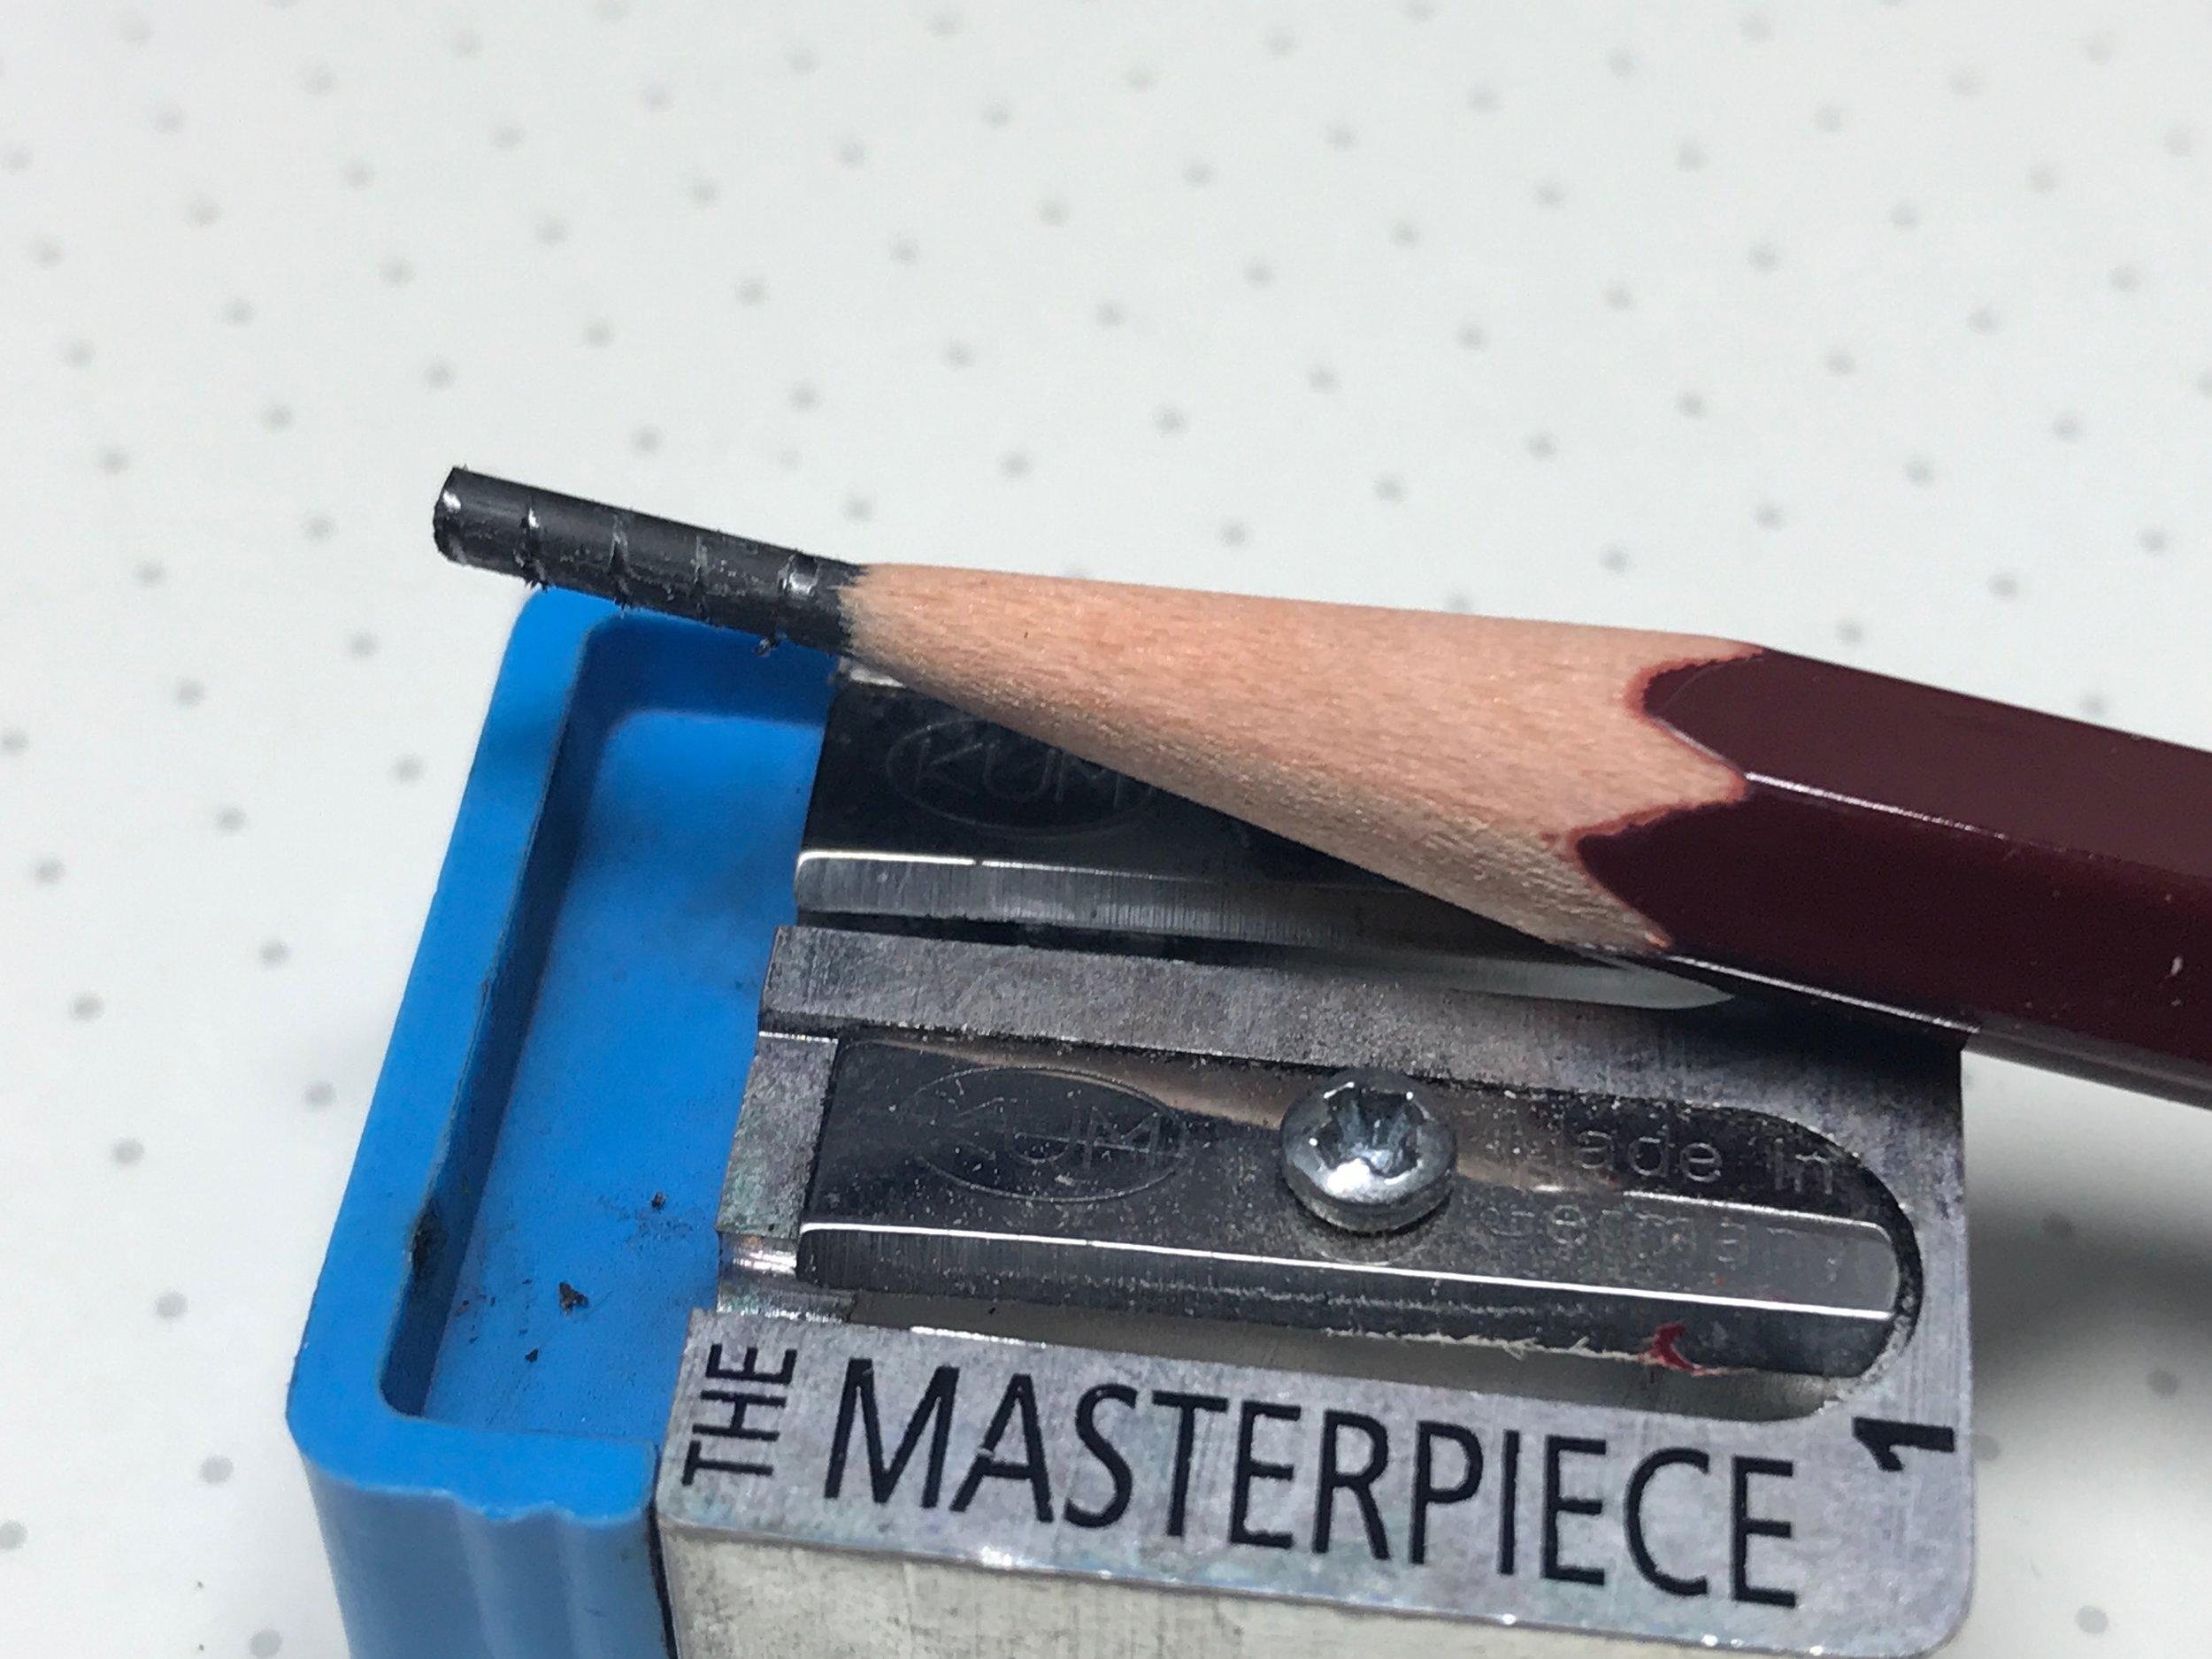 KUM-Masterpiece-Sharpener-6.jpg